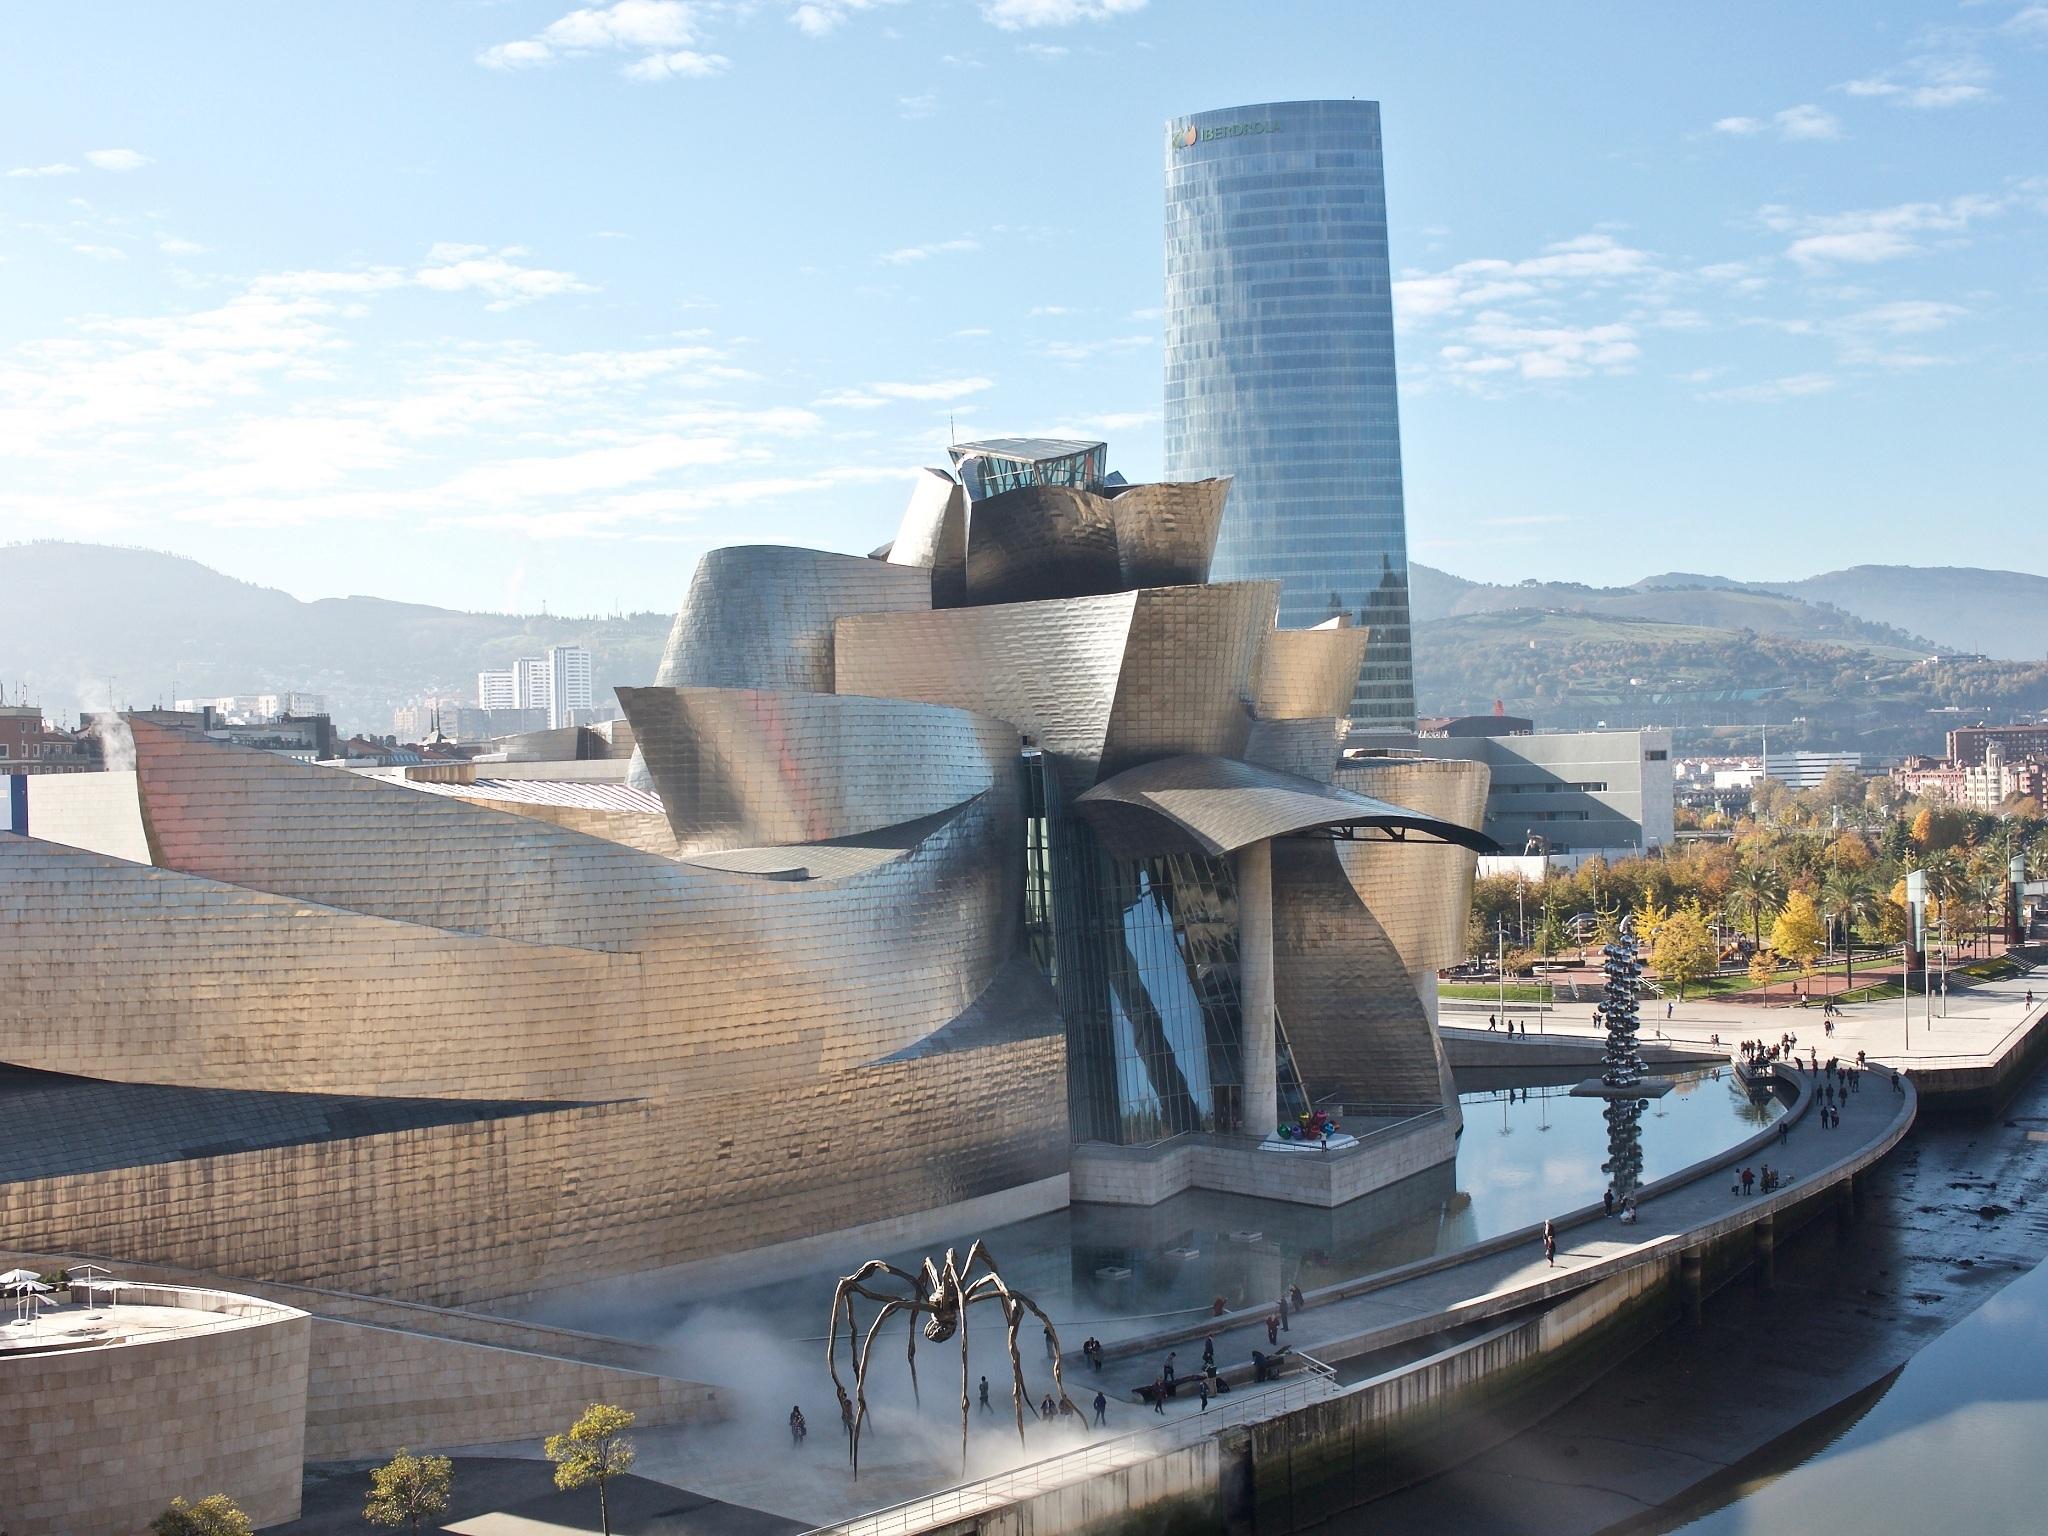 Museus, Arte, Museu Guggenheim, Bilbao